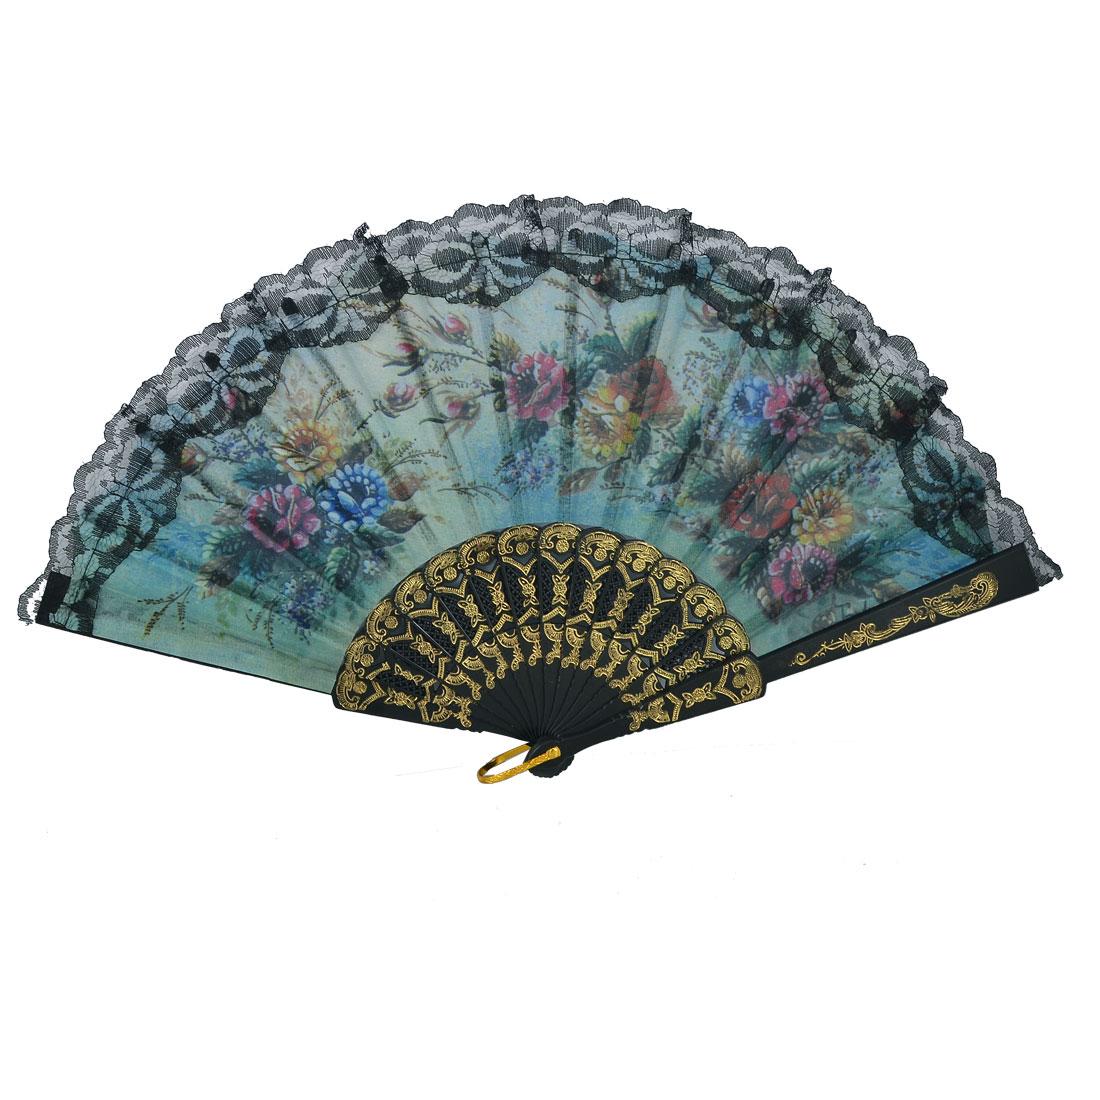 Black Lace Trim Multicolor Flower Pattern Organza Chinese Folding Fan